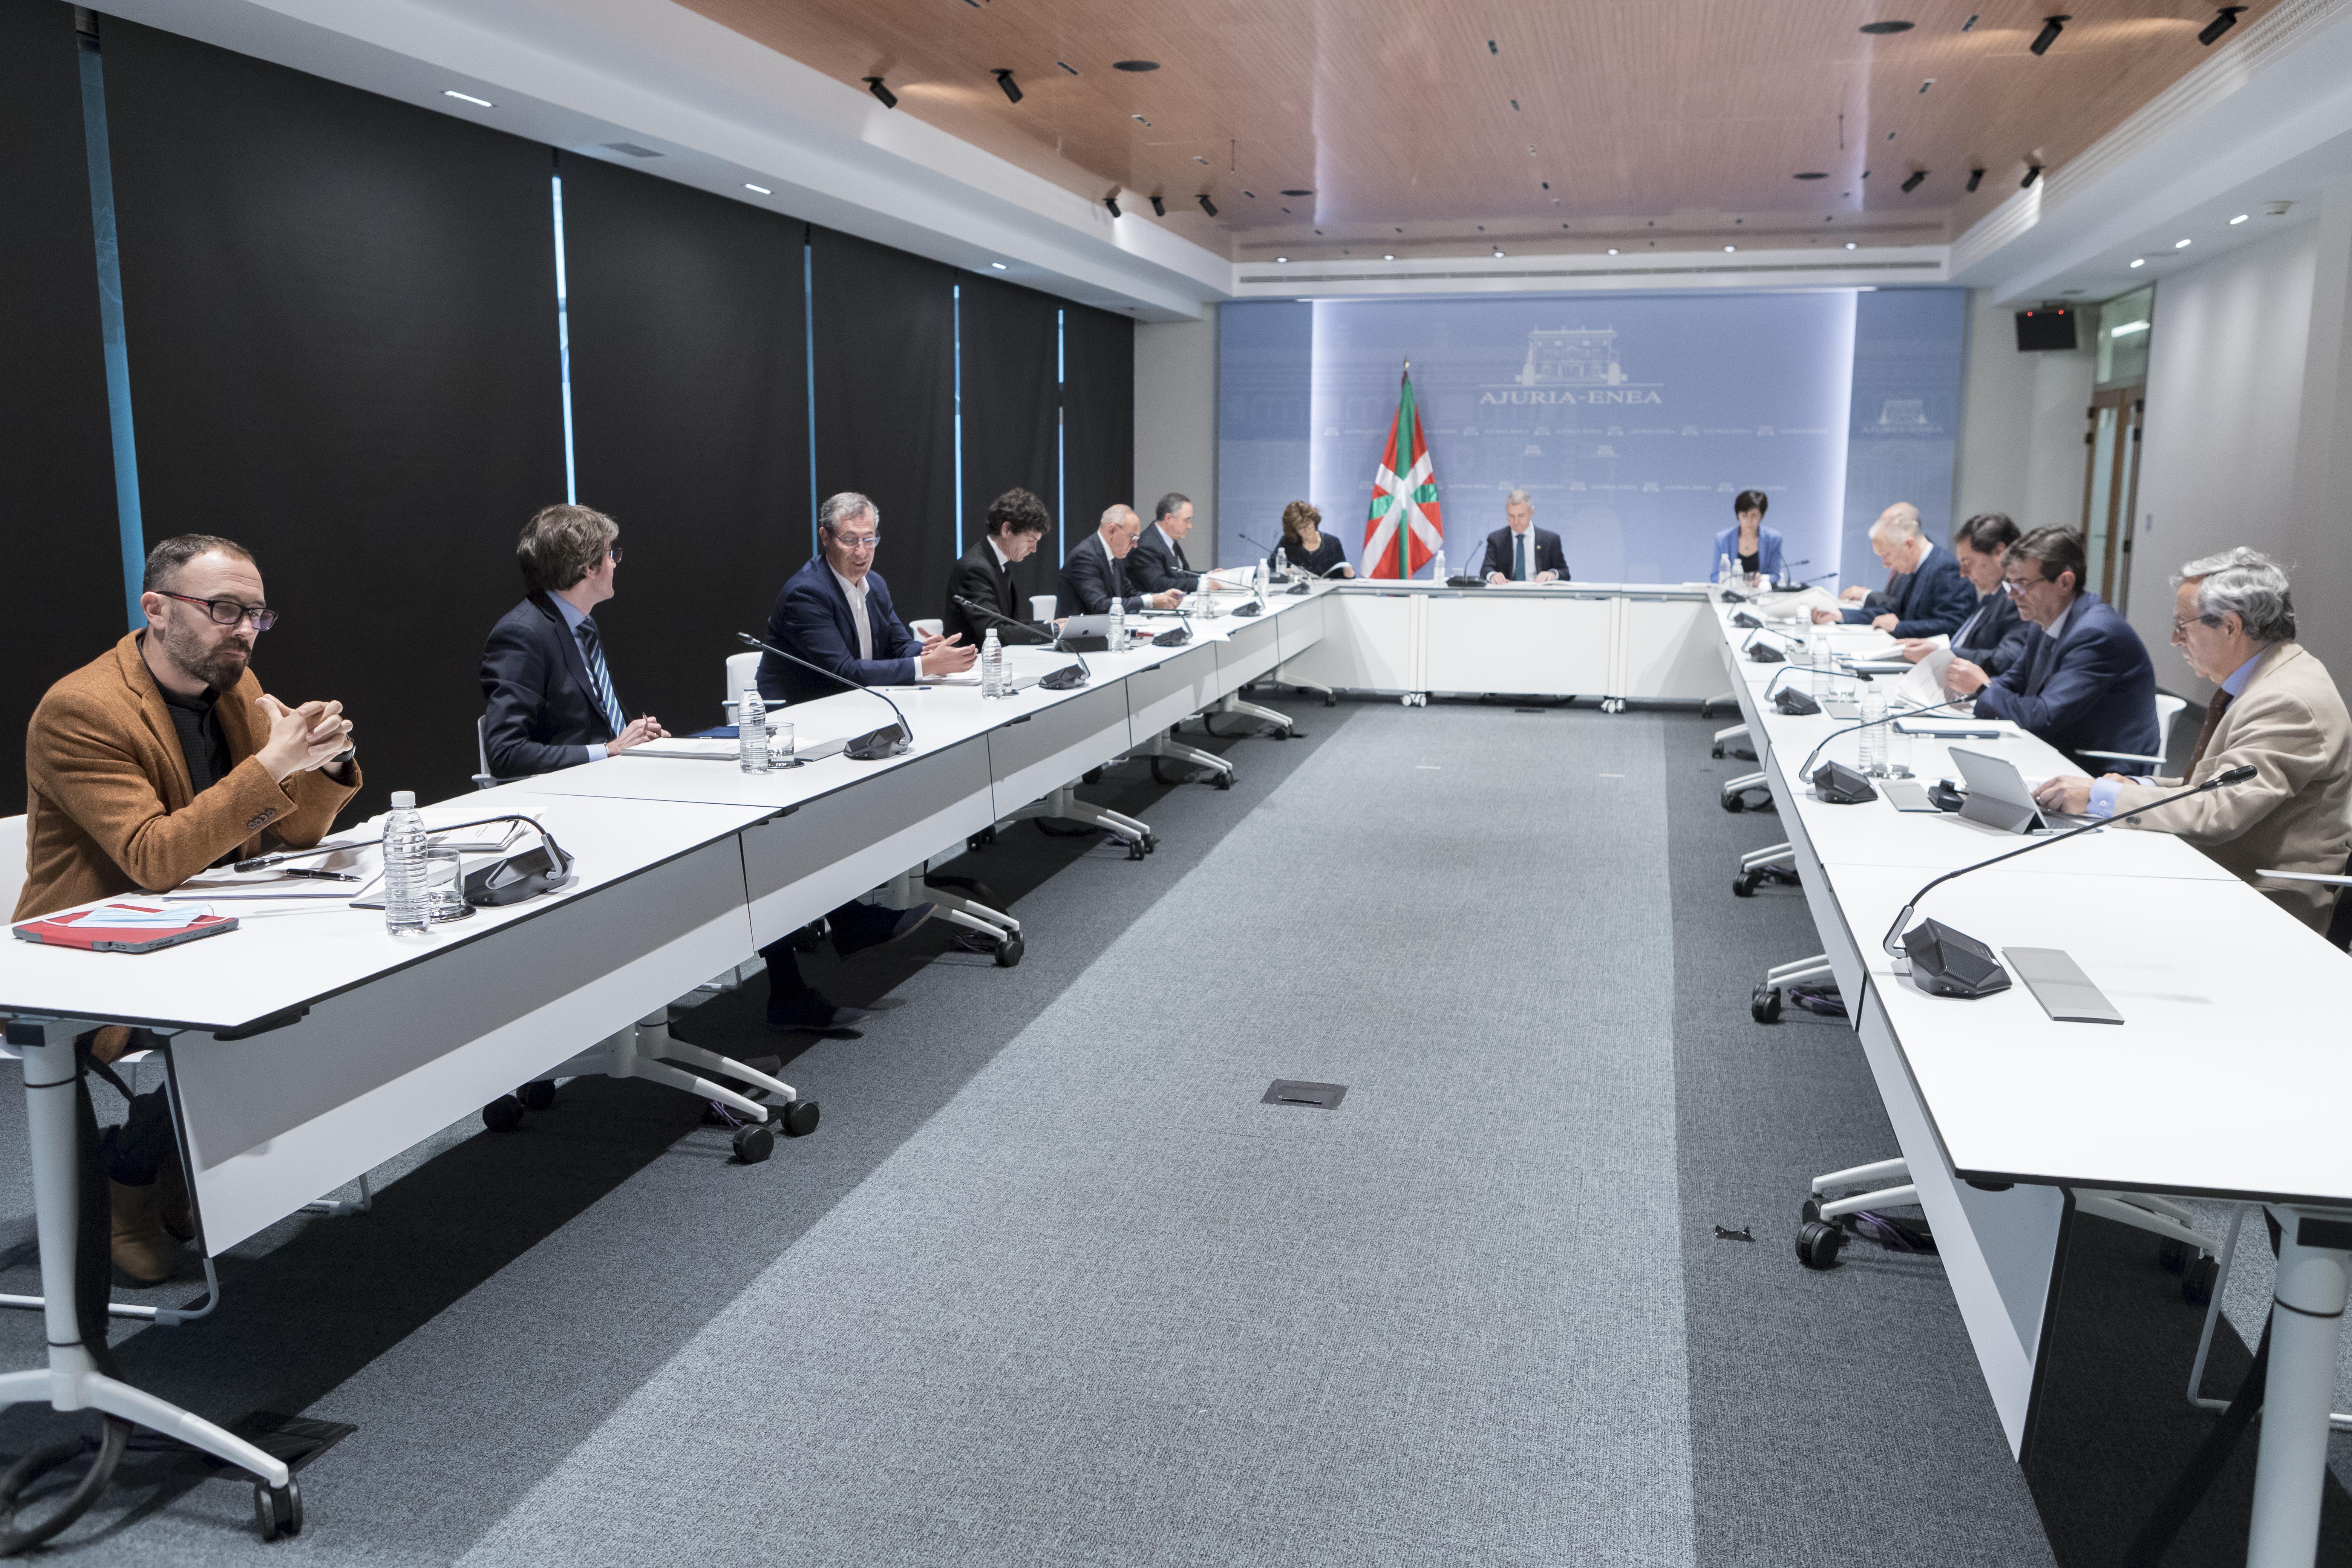 El Lehendakari Iñigo Urkullu preside la reunión del Comité Asesor que le asiste como director único del Plan de Protección Civil de Euskadi (LABI) [1:03]